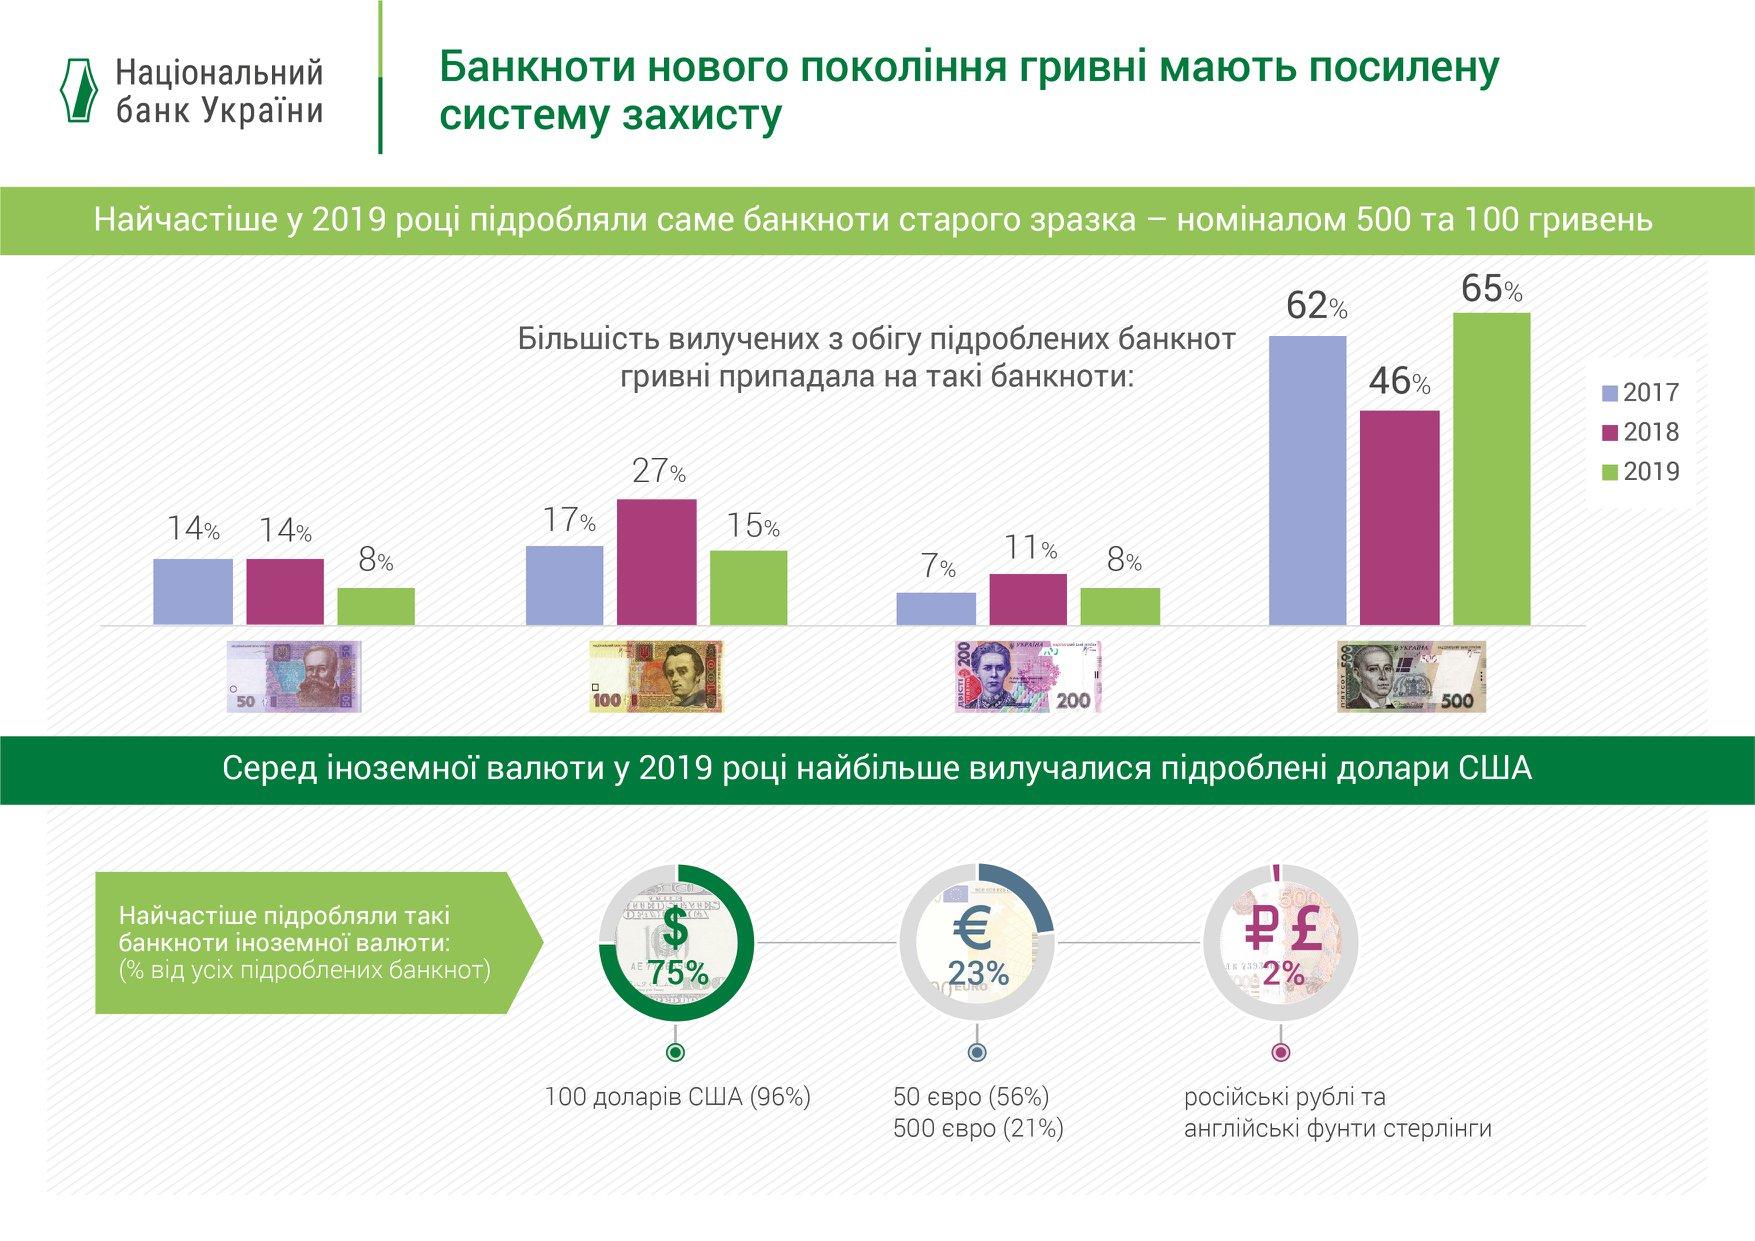 НБУ показал, какие банкноты подделывали в 2019-м. Инфографика